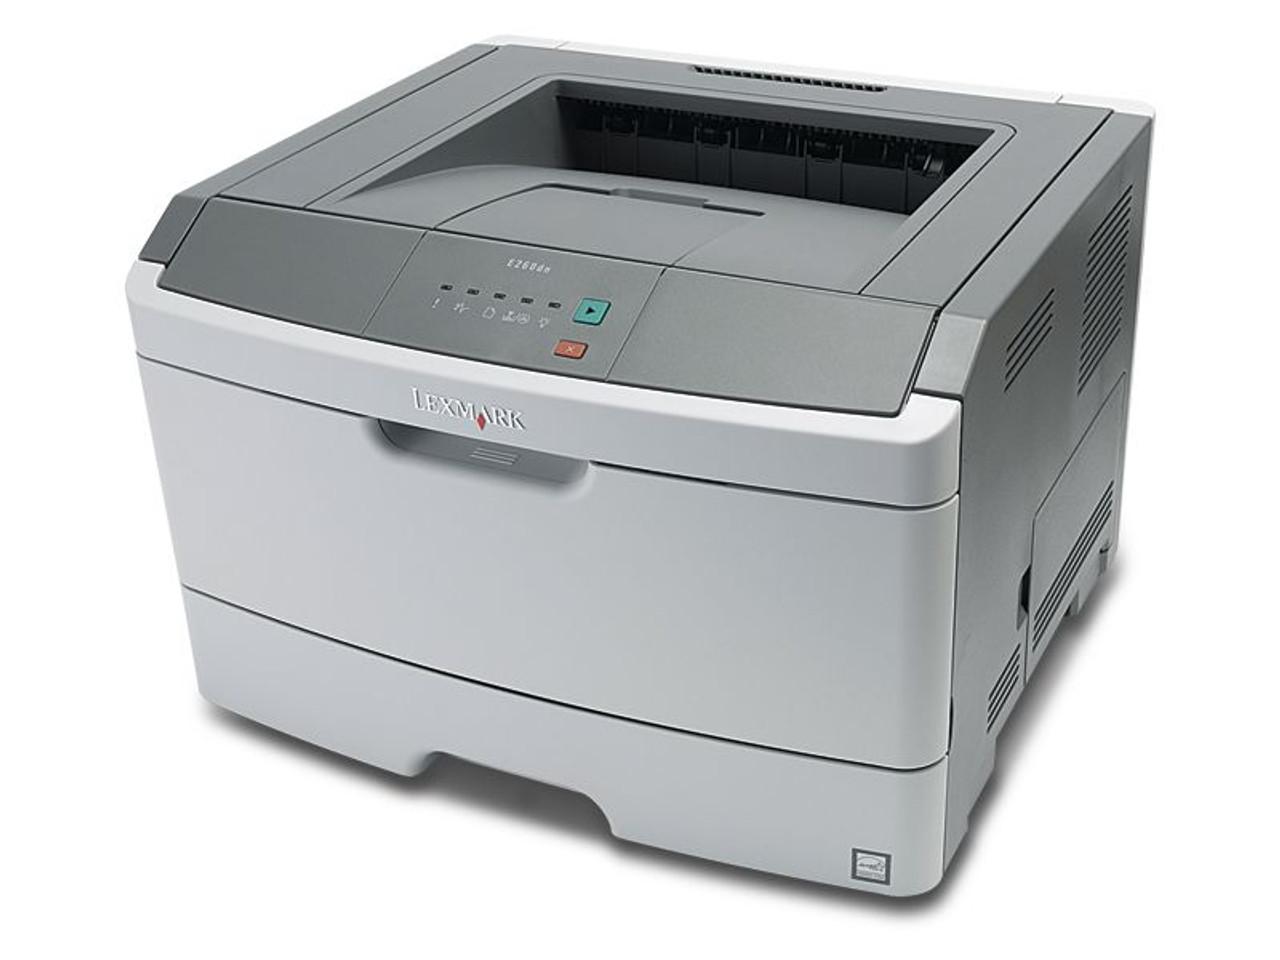 Lexmark E260d - 34S0100 - Lexmark Laser Printer for sale